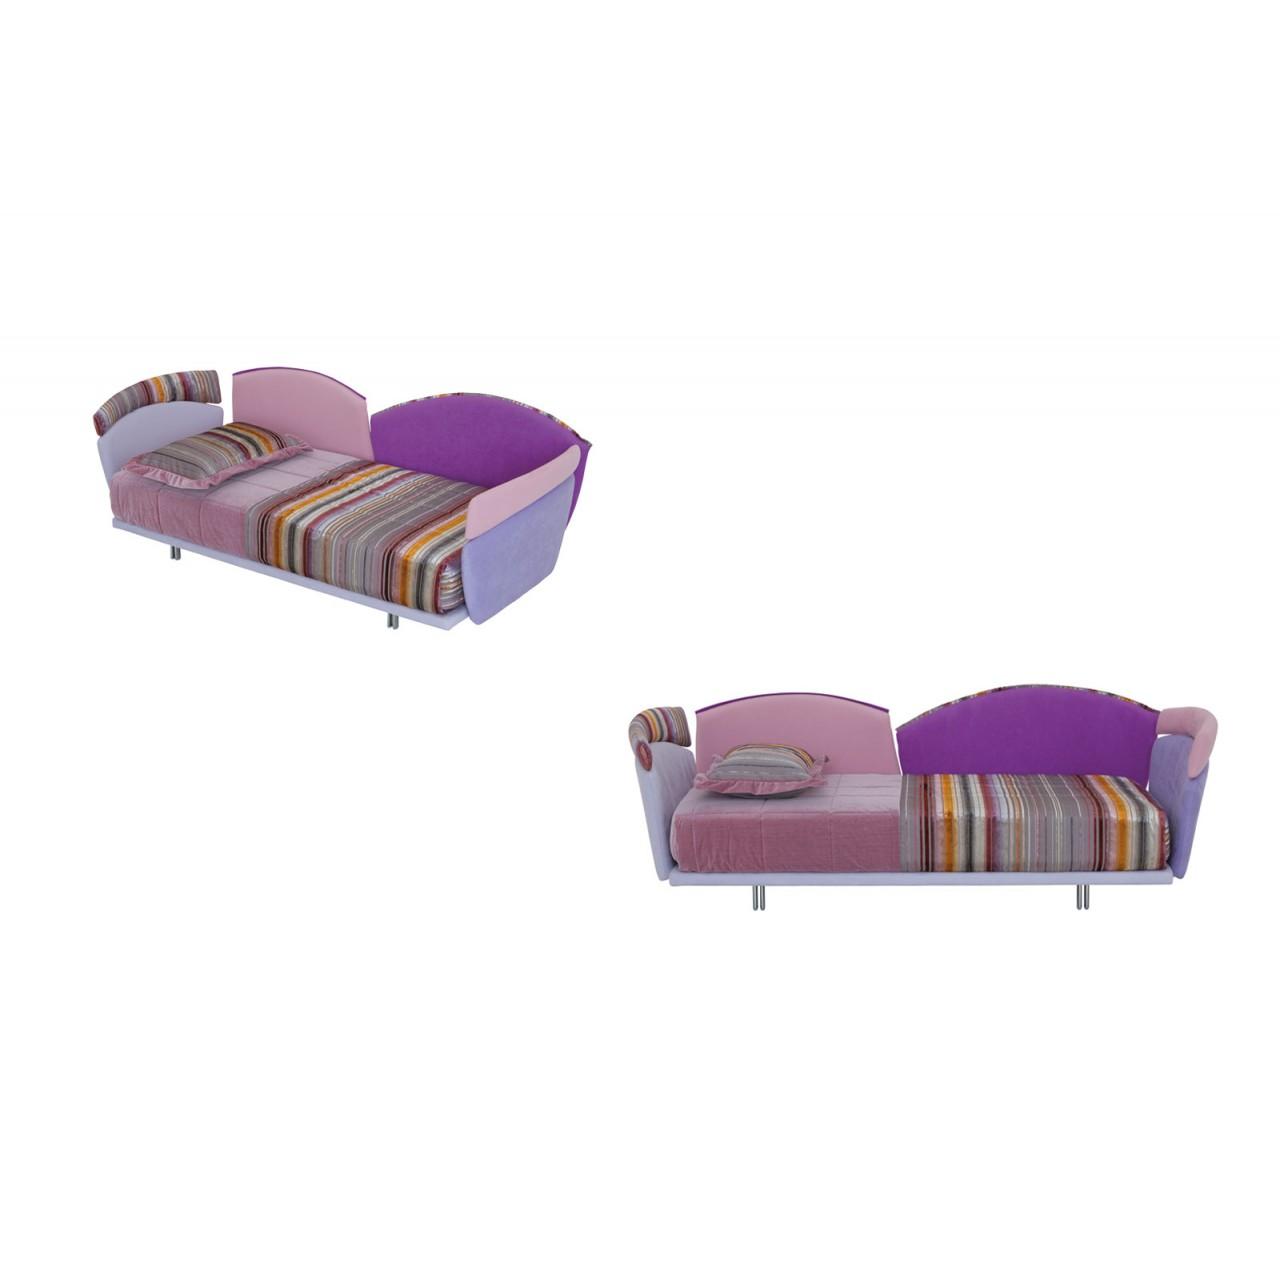 Aurora Baby Bed